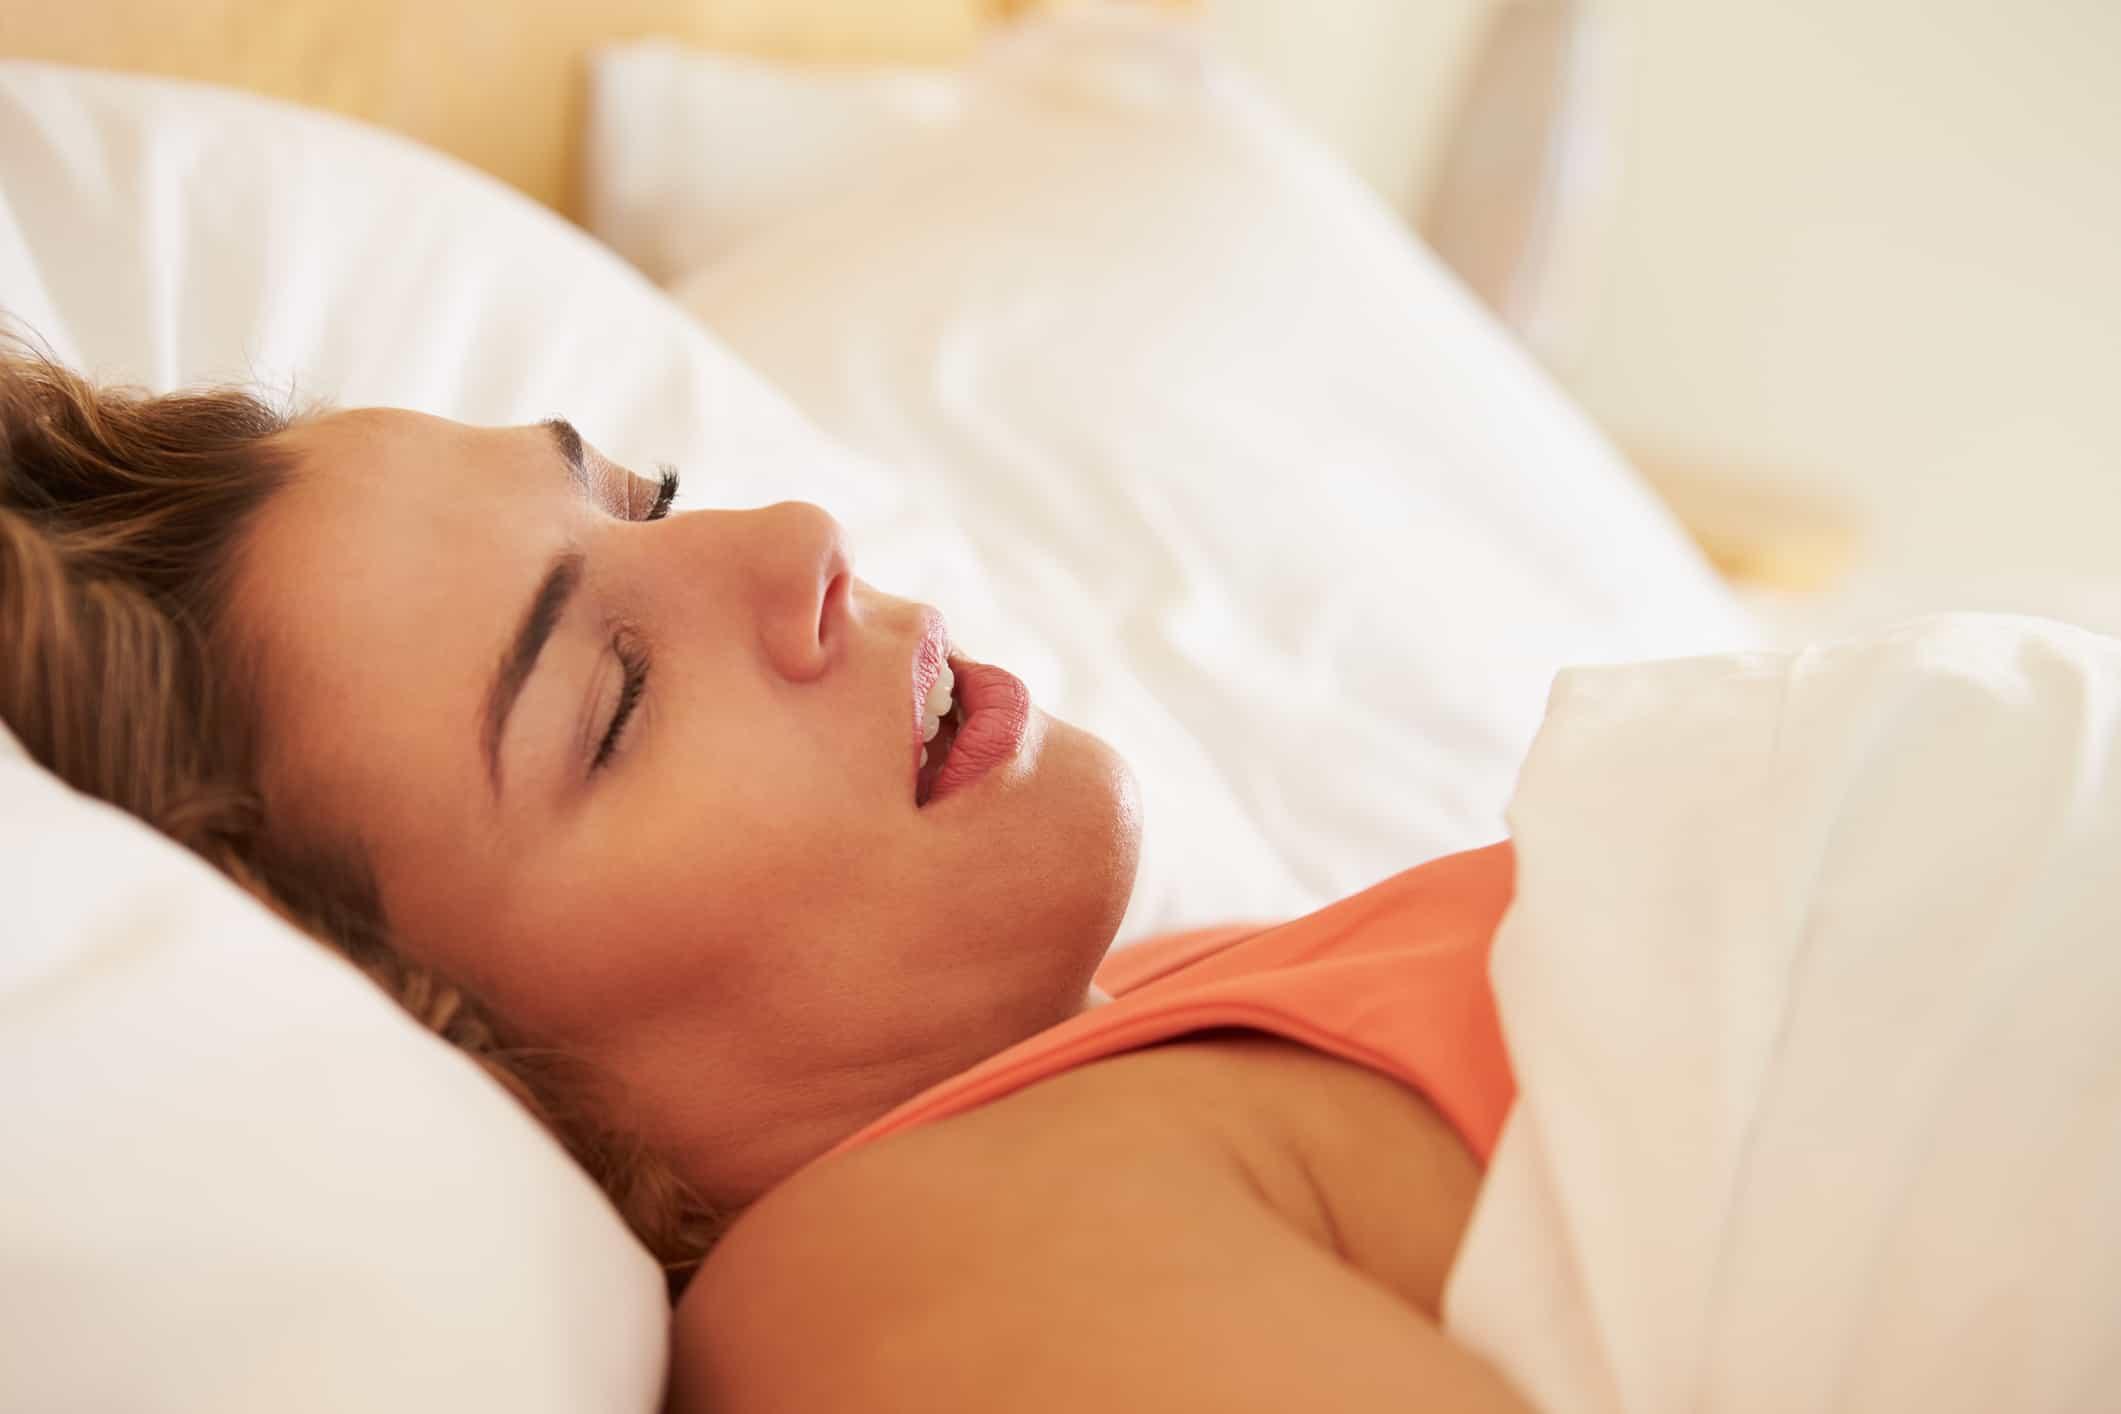 Frau schläft mit offenem Mund